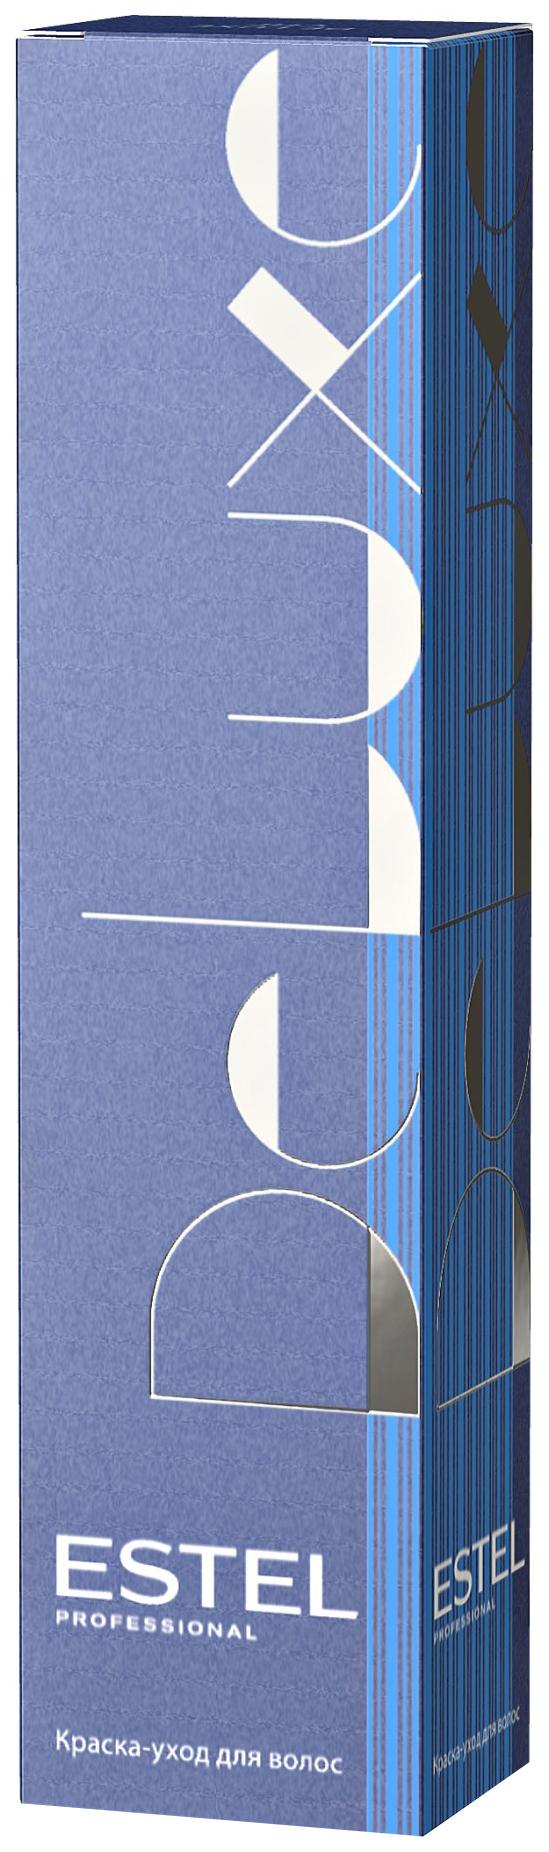 Краска для волос Estel De Luxe 10/36 св блондин золотисто-фиолетовый 60 мл